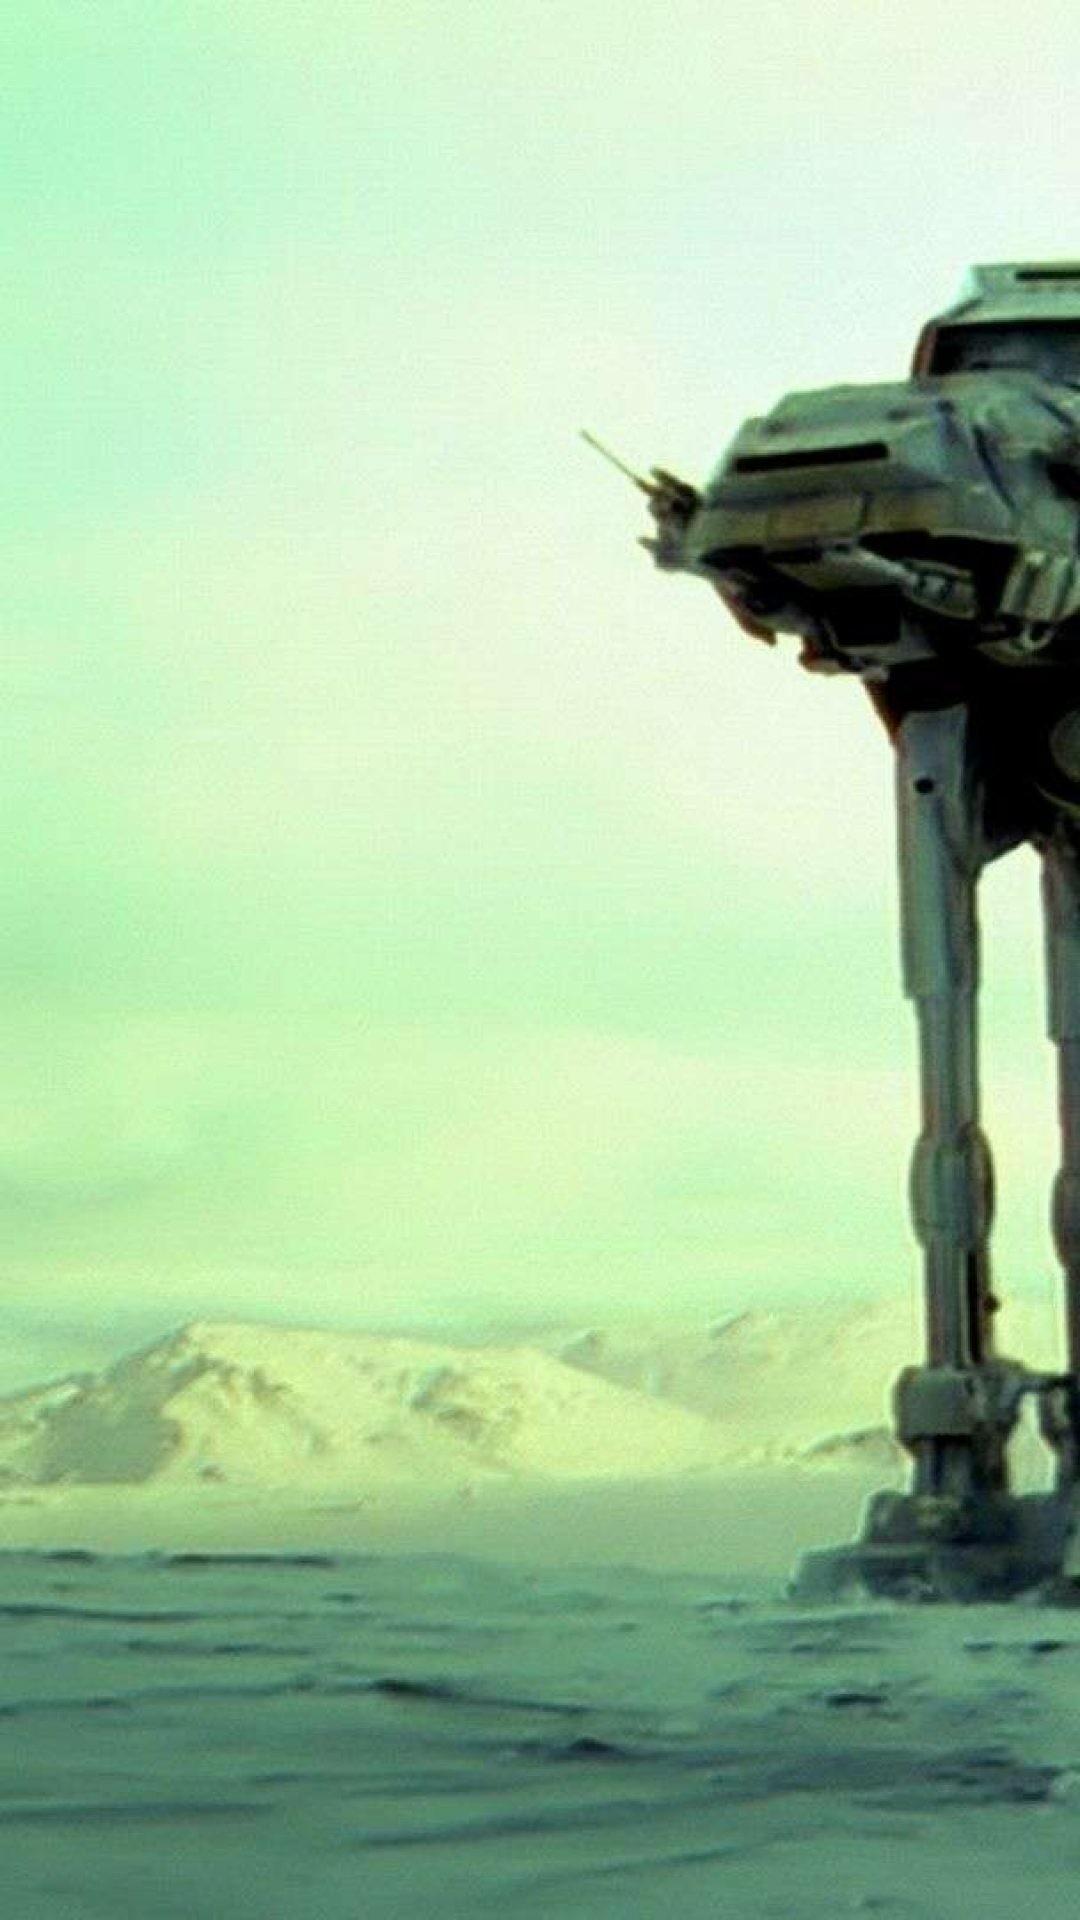 Star Wars Wallpaper Hd 1080p Data Src 1080p Star Wars Hd 1080x1920 Wallpaper Teahub Io